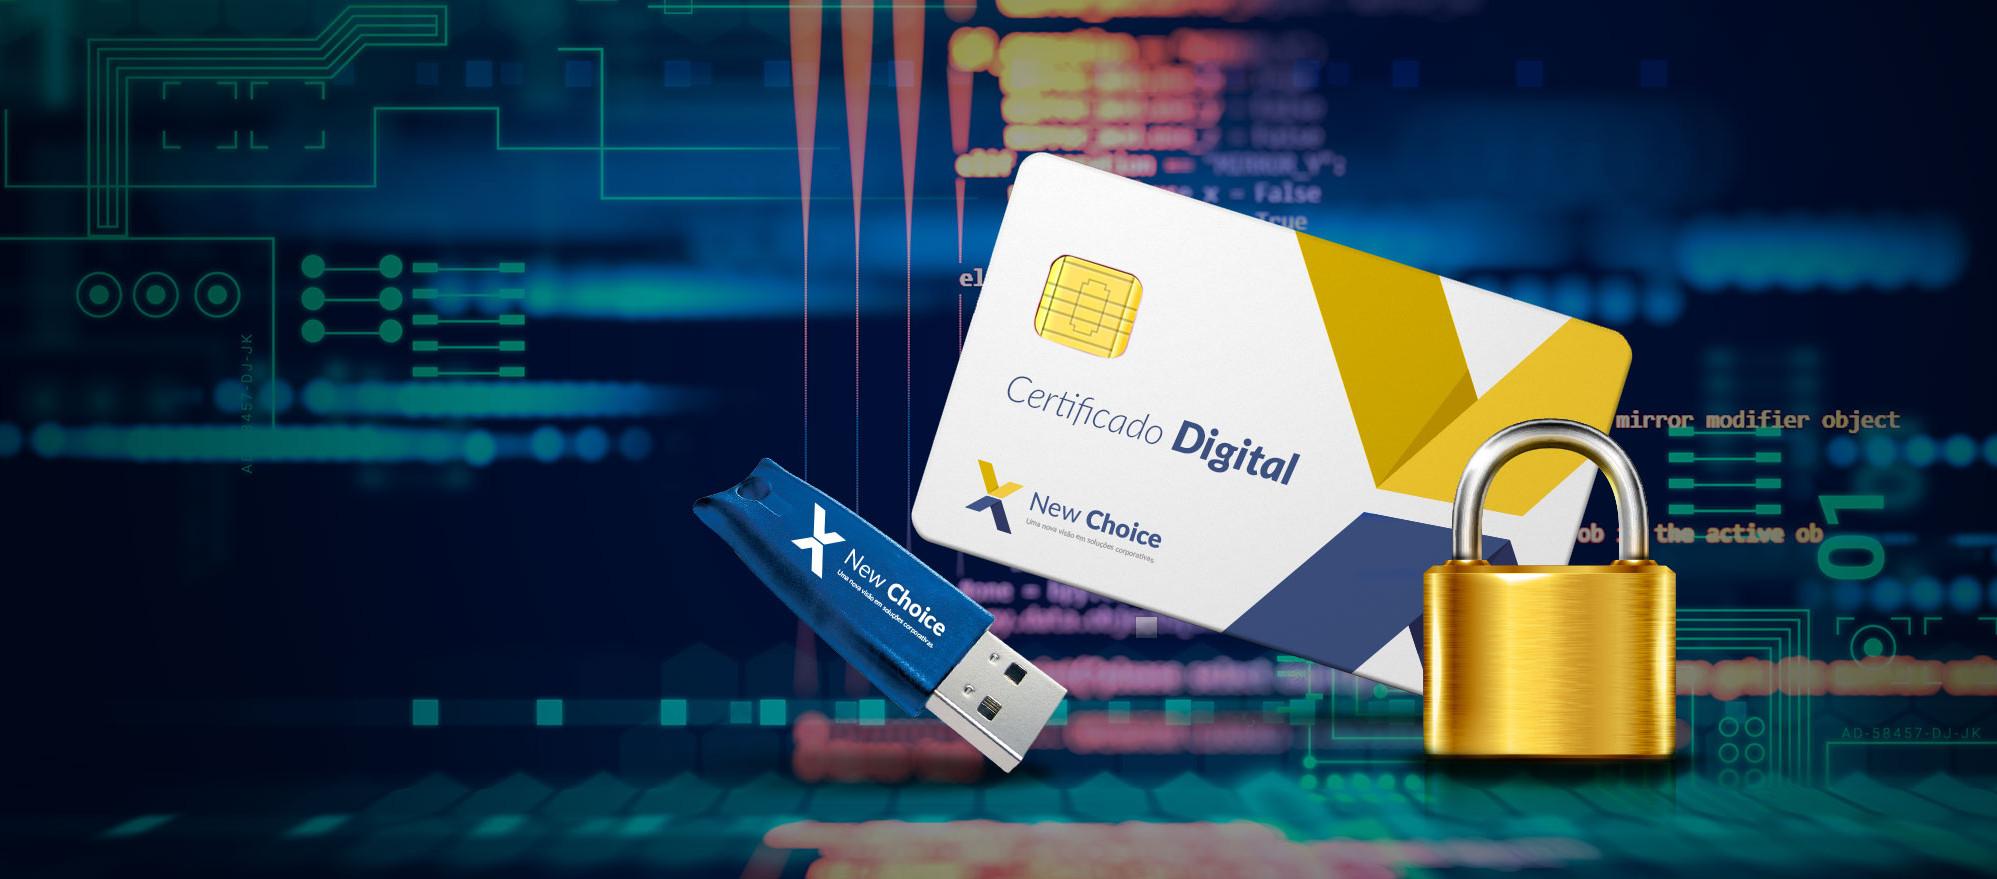 Certificados digitais para validar e autenticar em sistemas eletrônicos Pessoas Físicas e Jurídicas